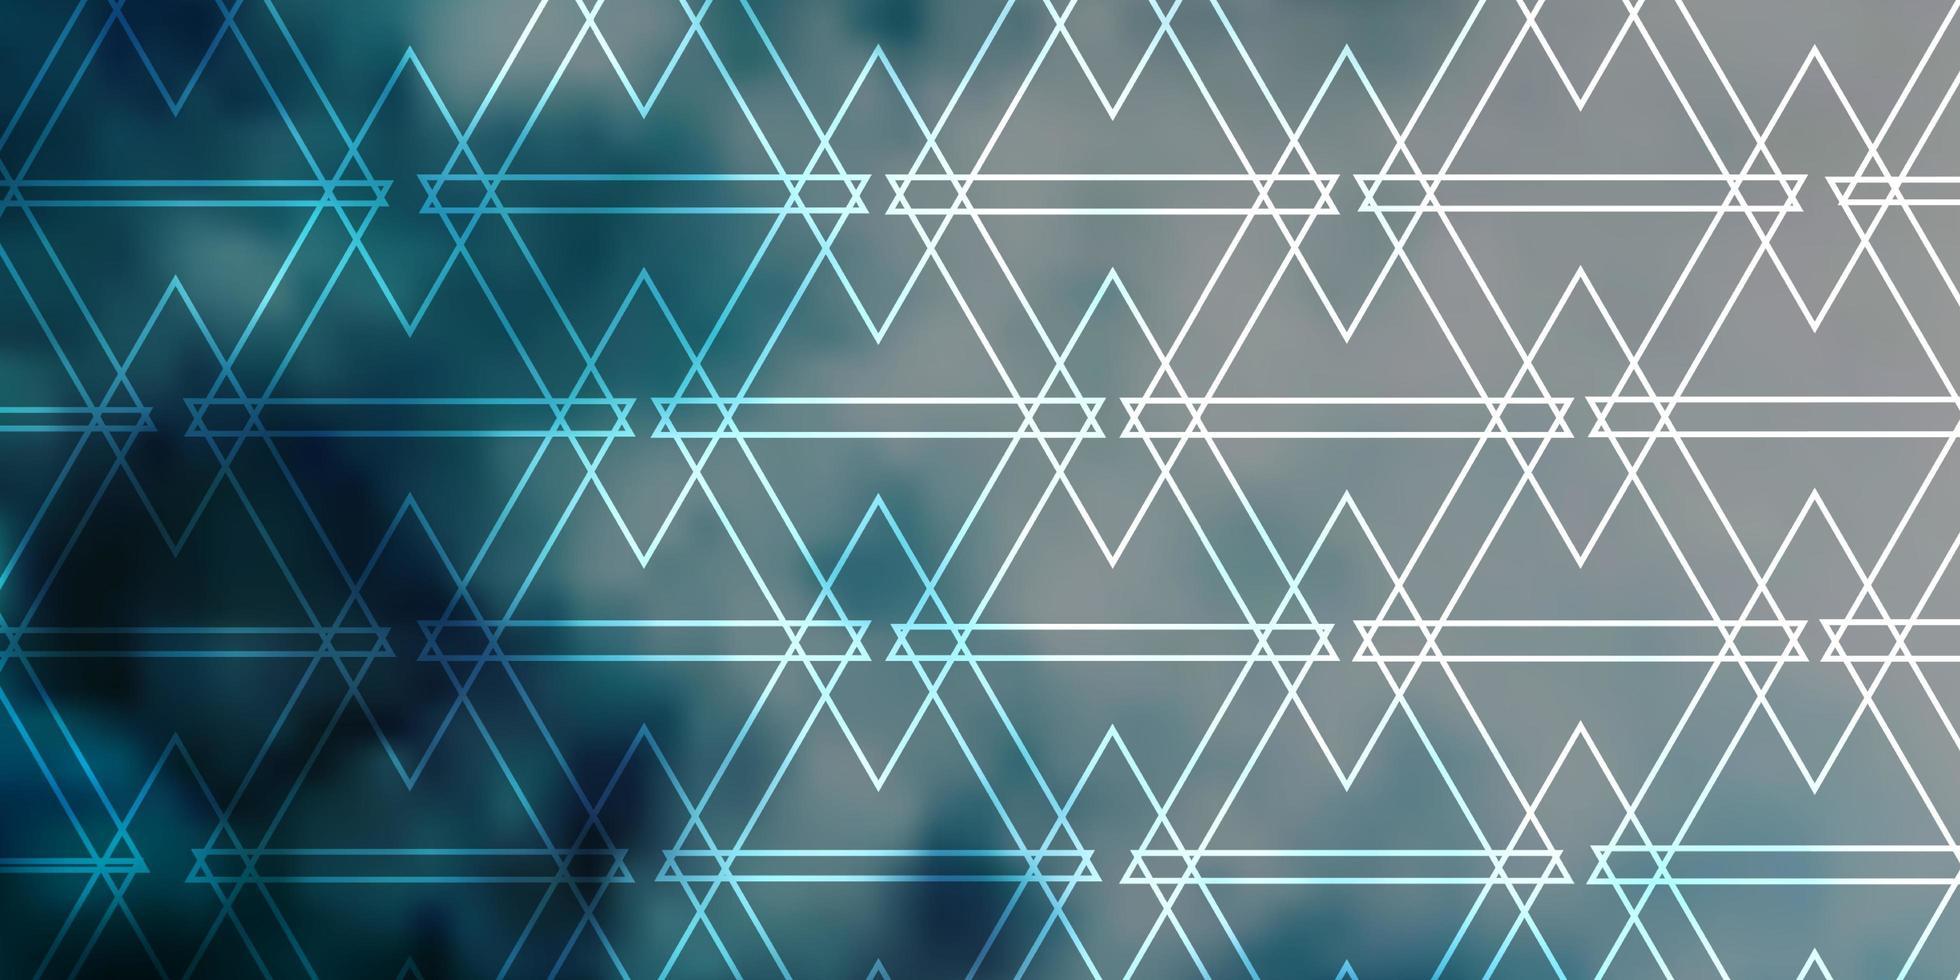 hellblaue Vektorschablone mit Linien, Dreiecken. vektor